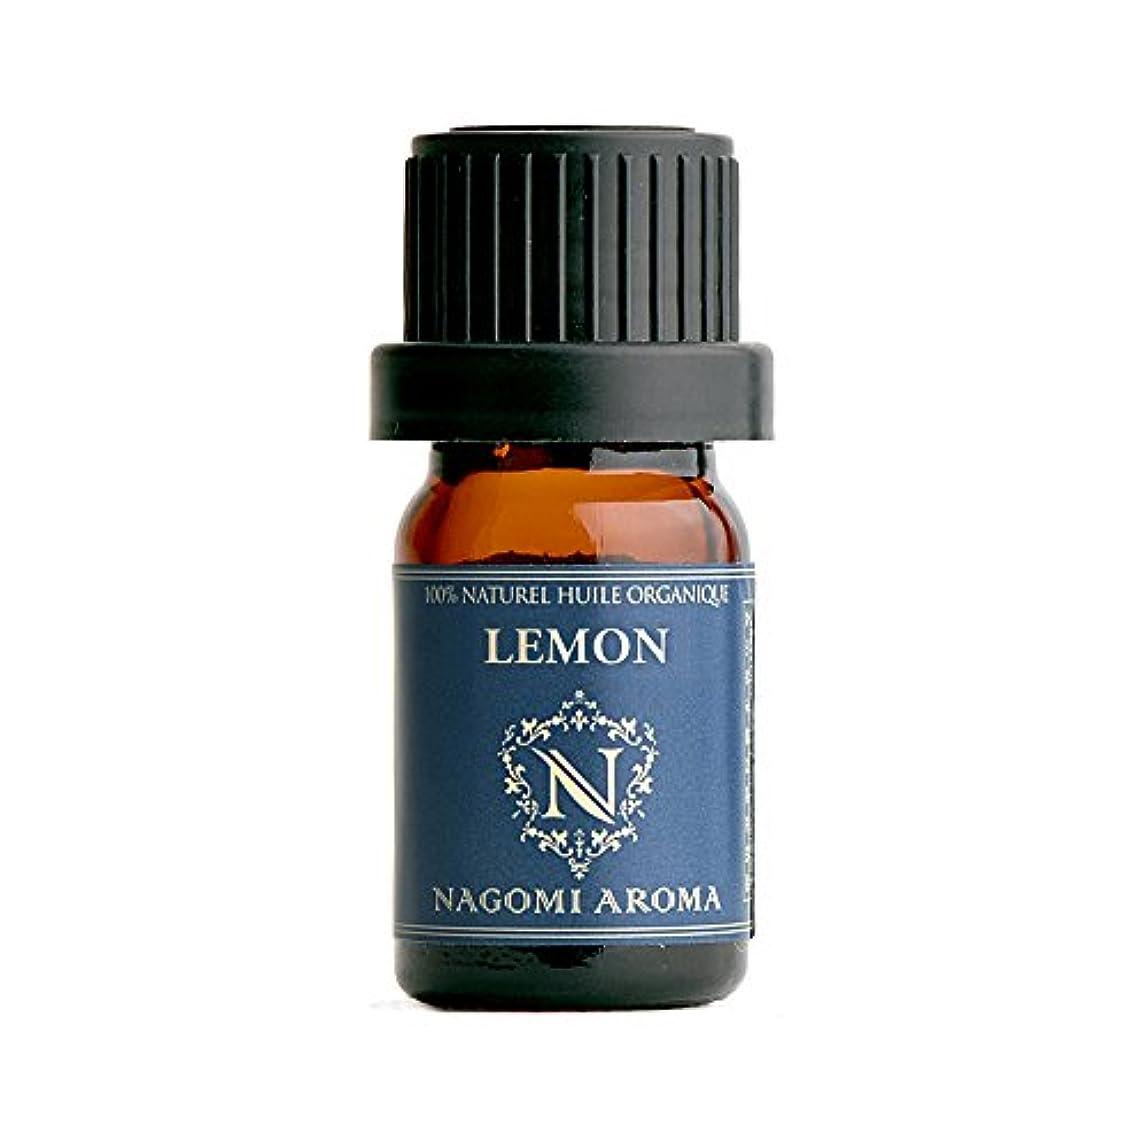 火山スマイル軽NAGOMI AROMA オーガニック レモン 5ml 【AEAJ認定精油】【アロマオイル】